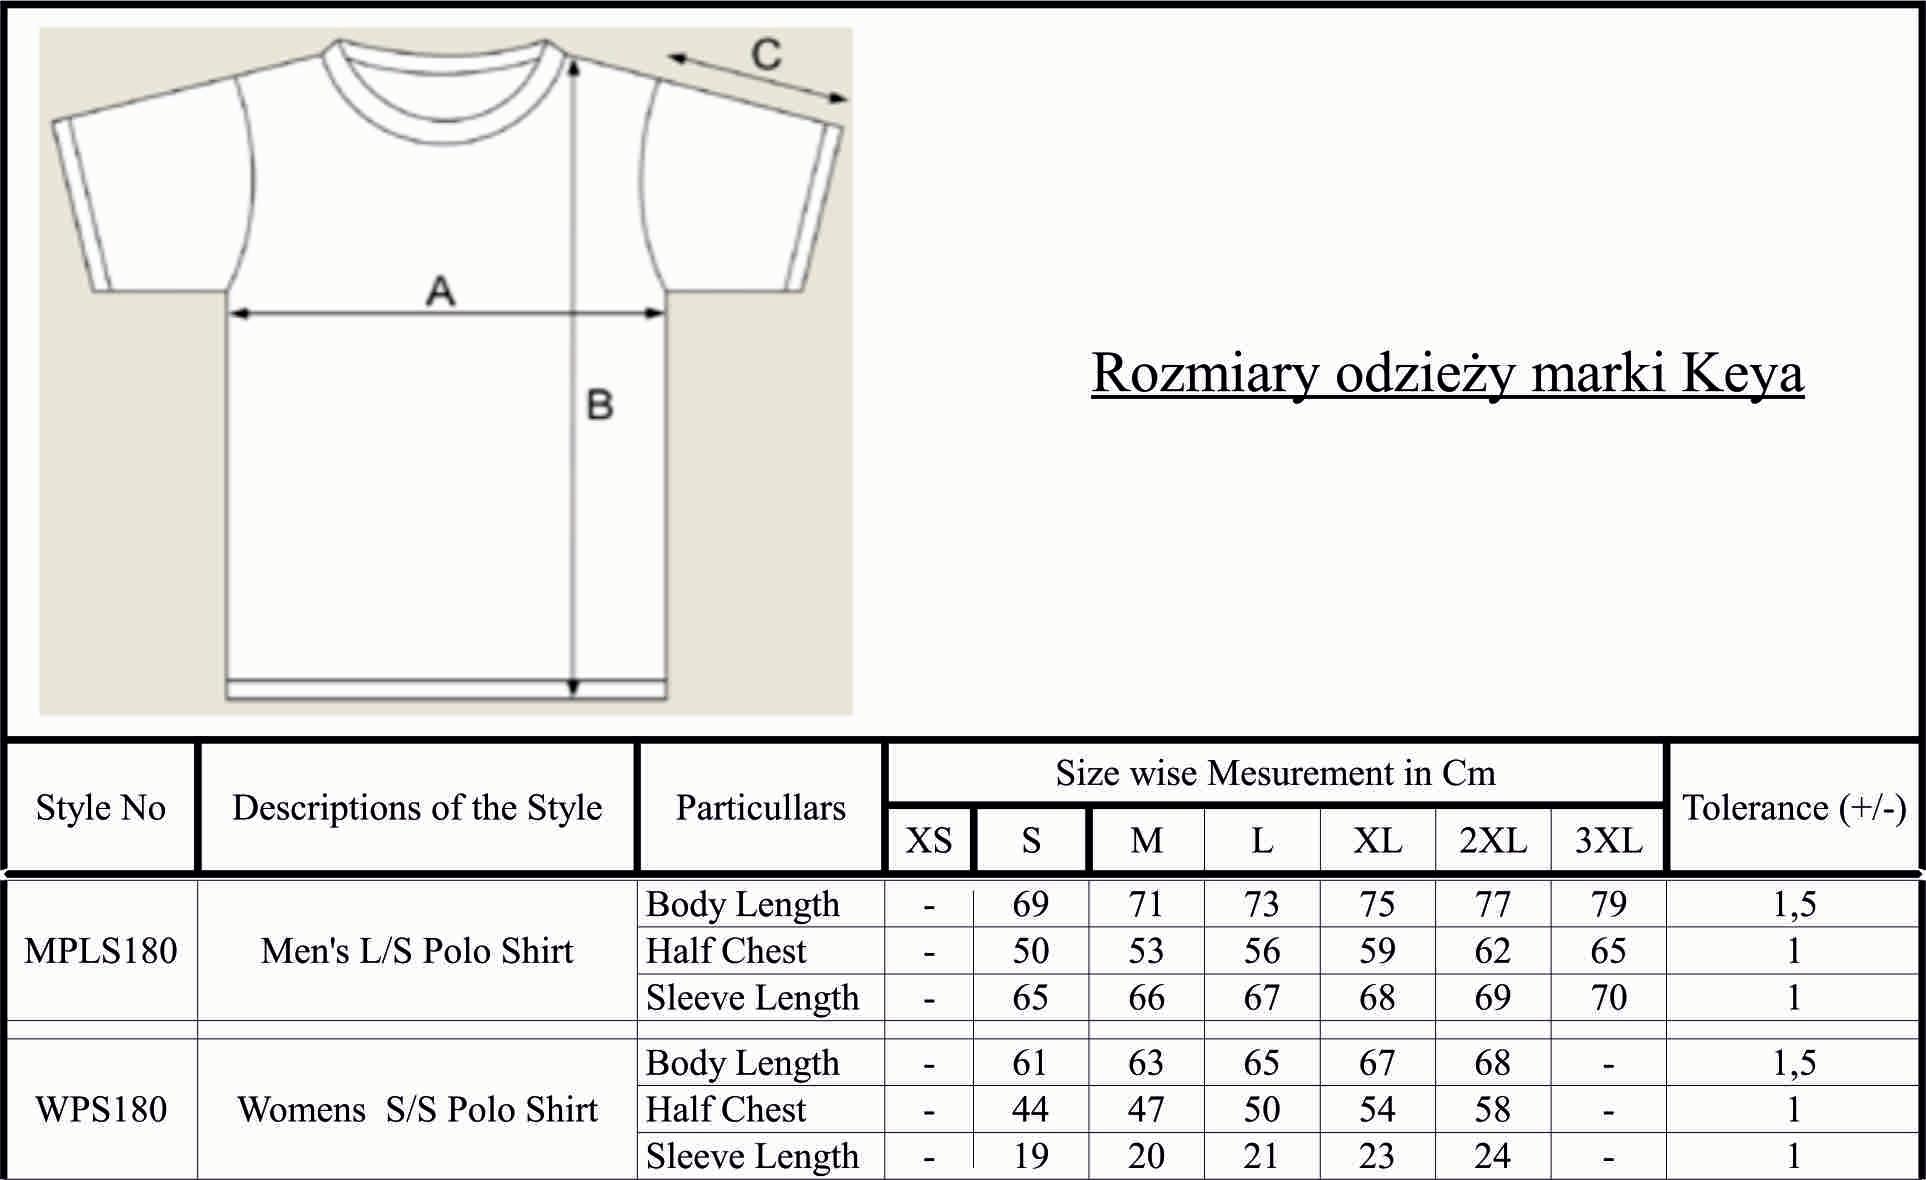 Dla tej kategorii odzieży stosujemy typowe rozmiary damskie